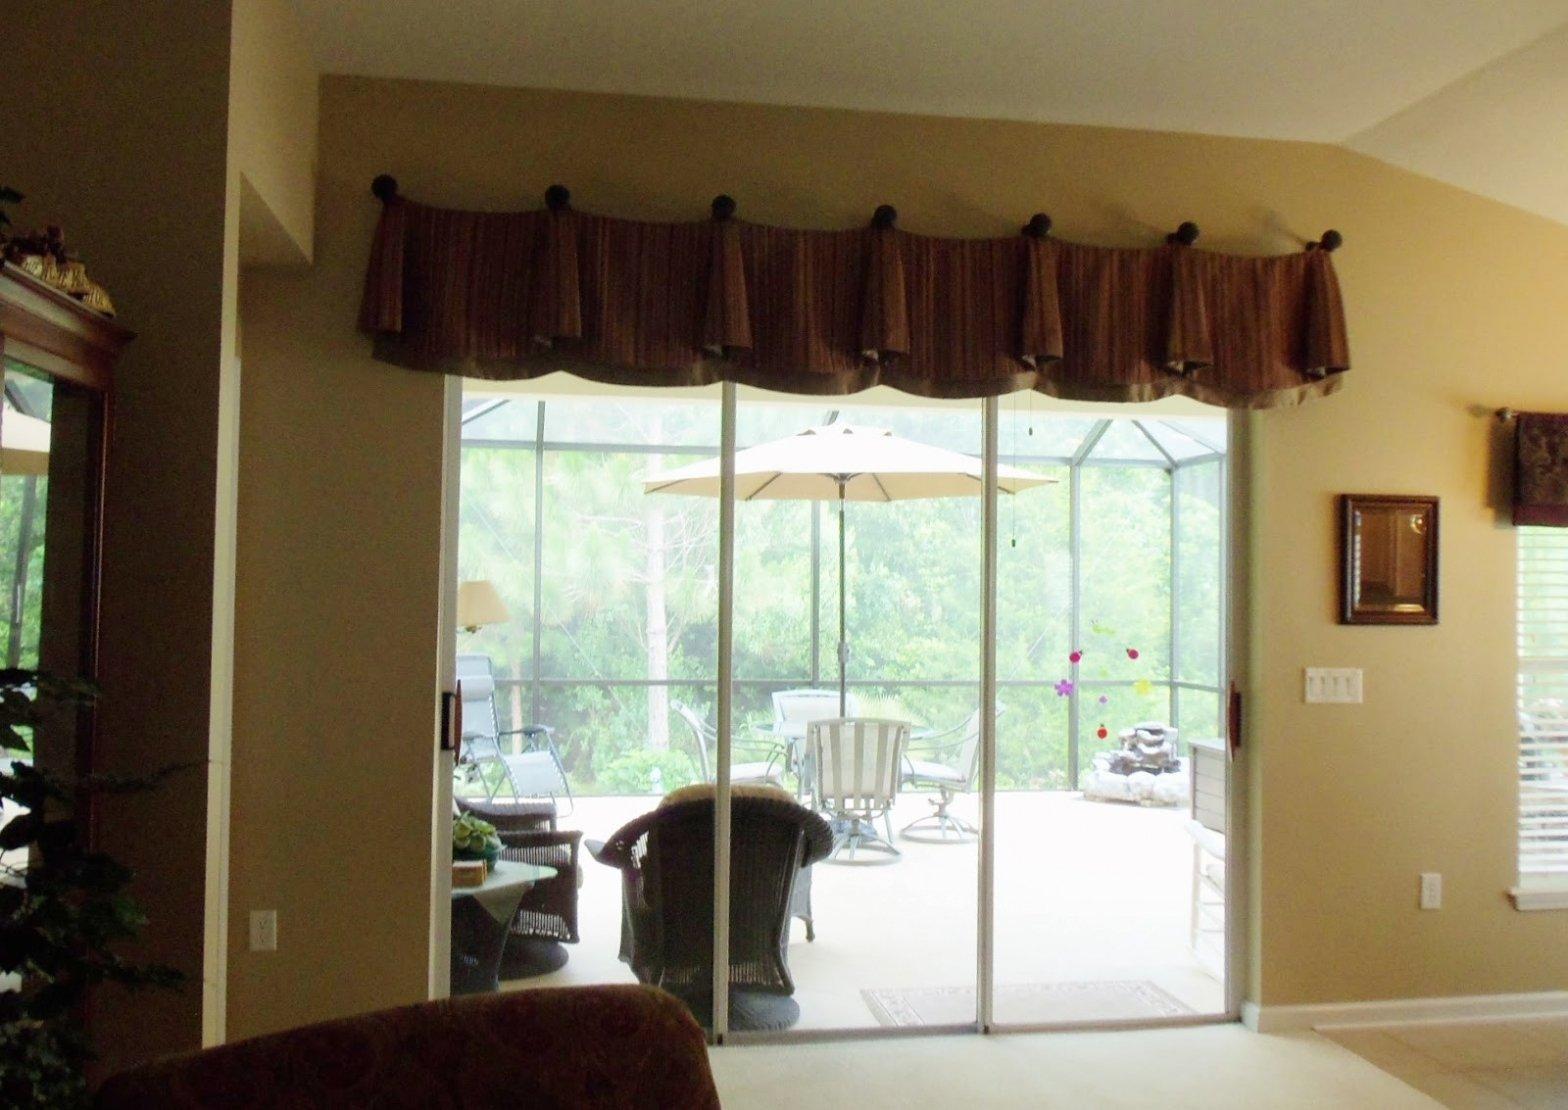 10 Amazing Sliding Glass Door Curtain Ideas exterior patio door blinds sliding door curtains sliding glass door 1 2020